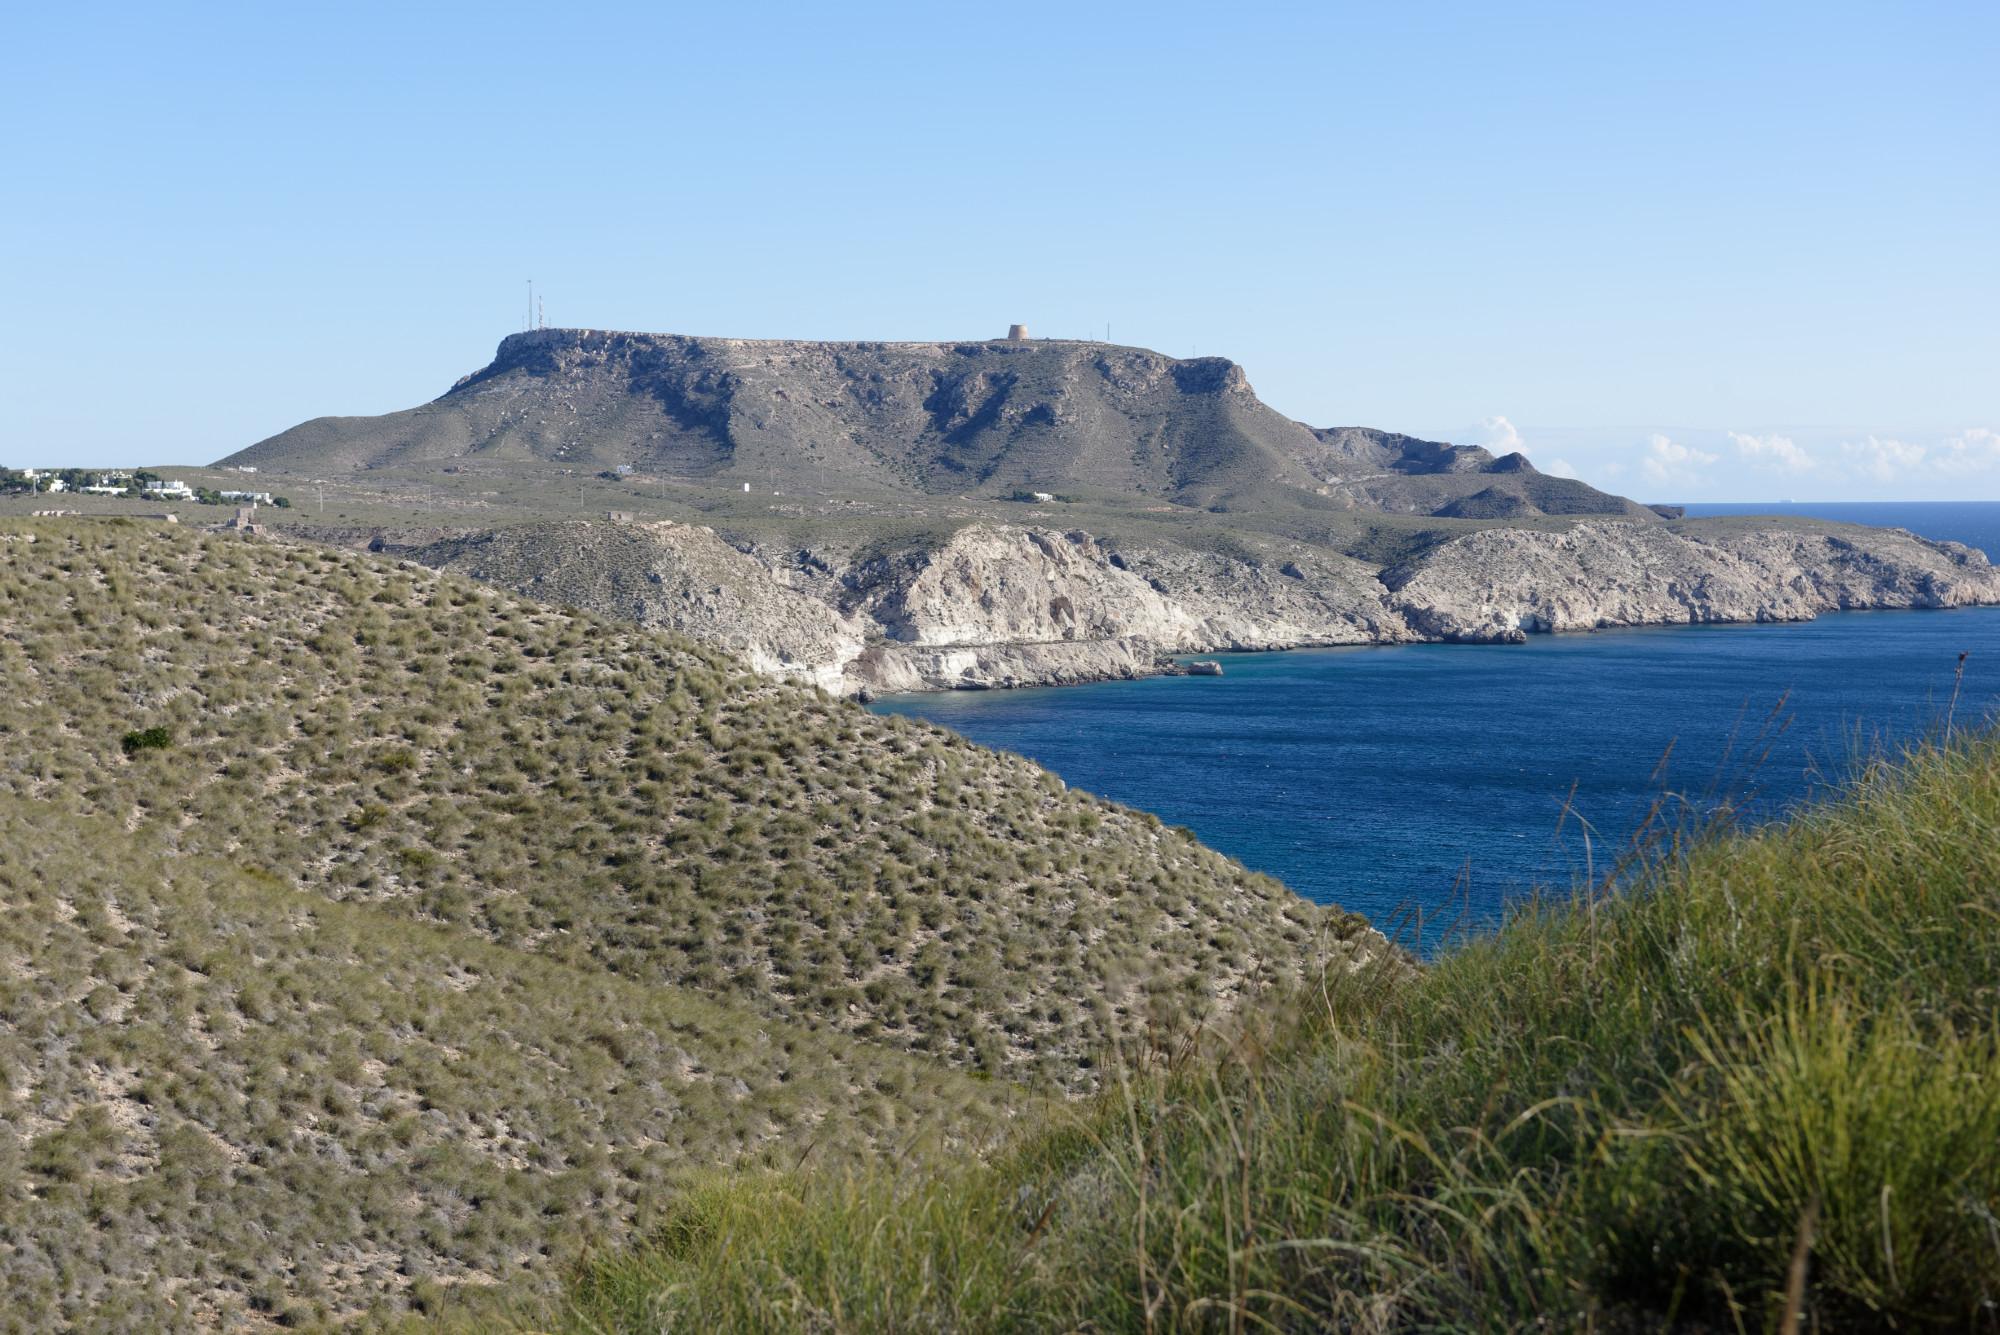 171217-Marche Agua Amarga vers Playa de Enmedio (Cabo de Gata-Andalousie) (31)